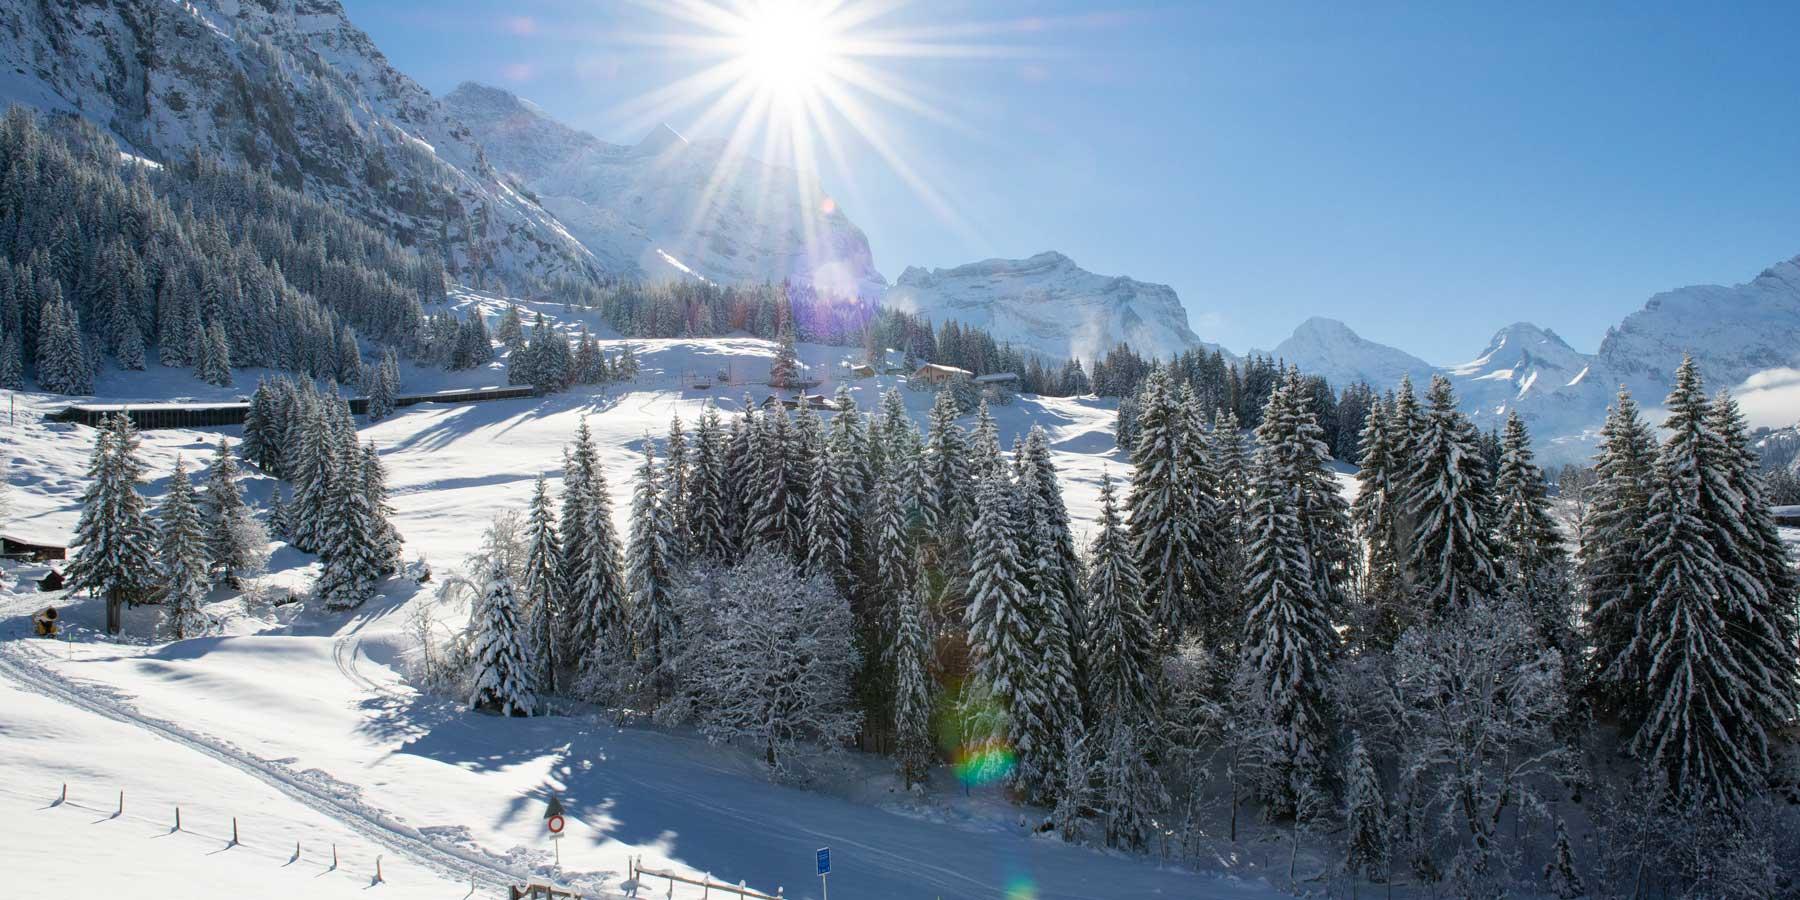 ski-village-winter